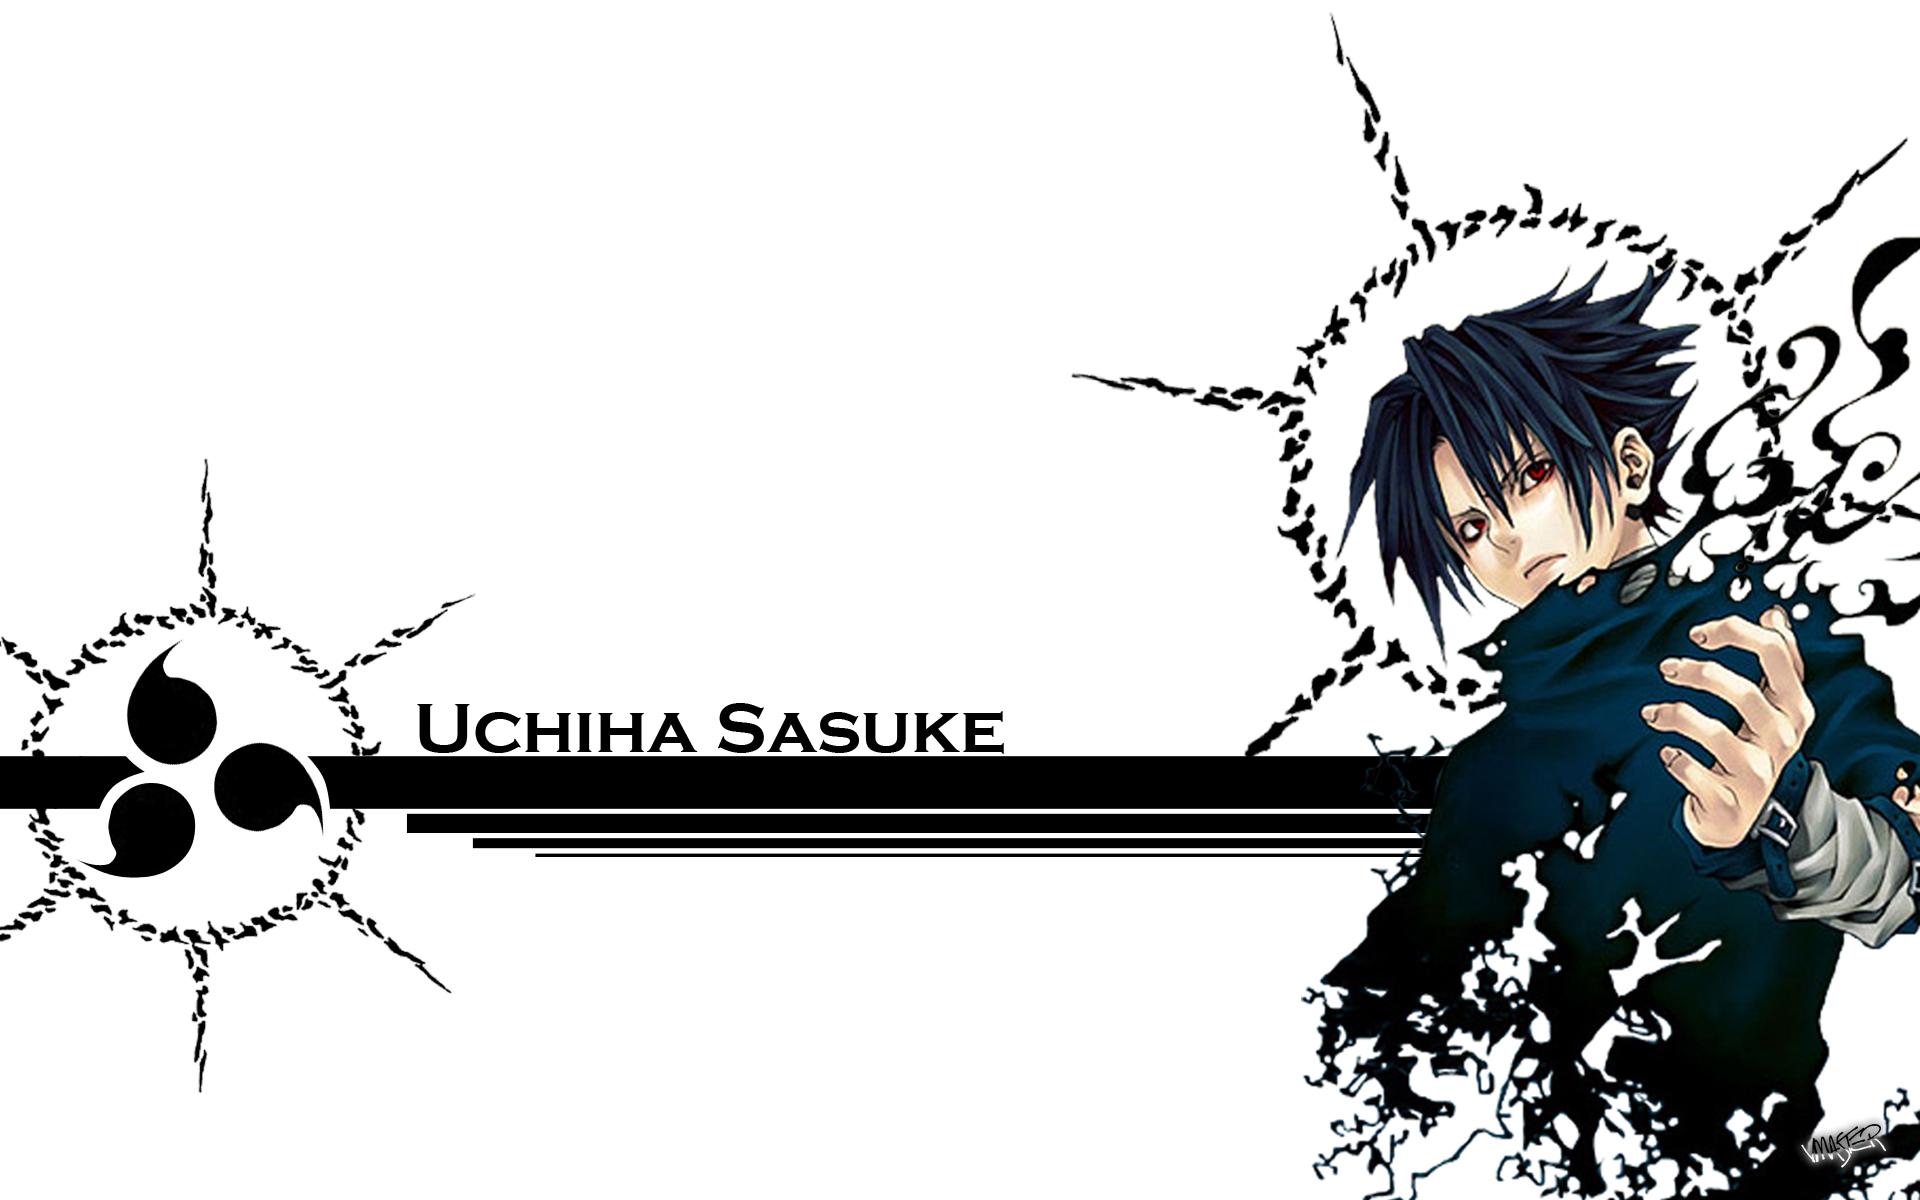 Uchiha Susake - Curse Mark by VMASTER on DeviantArt